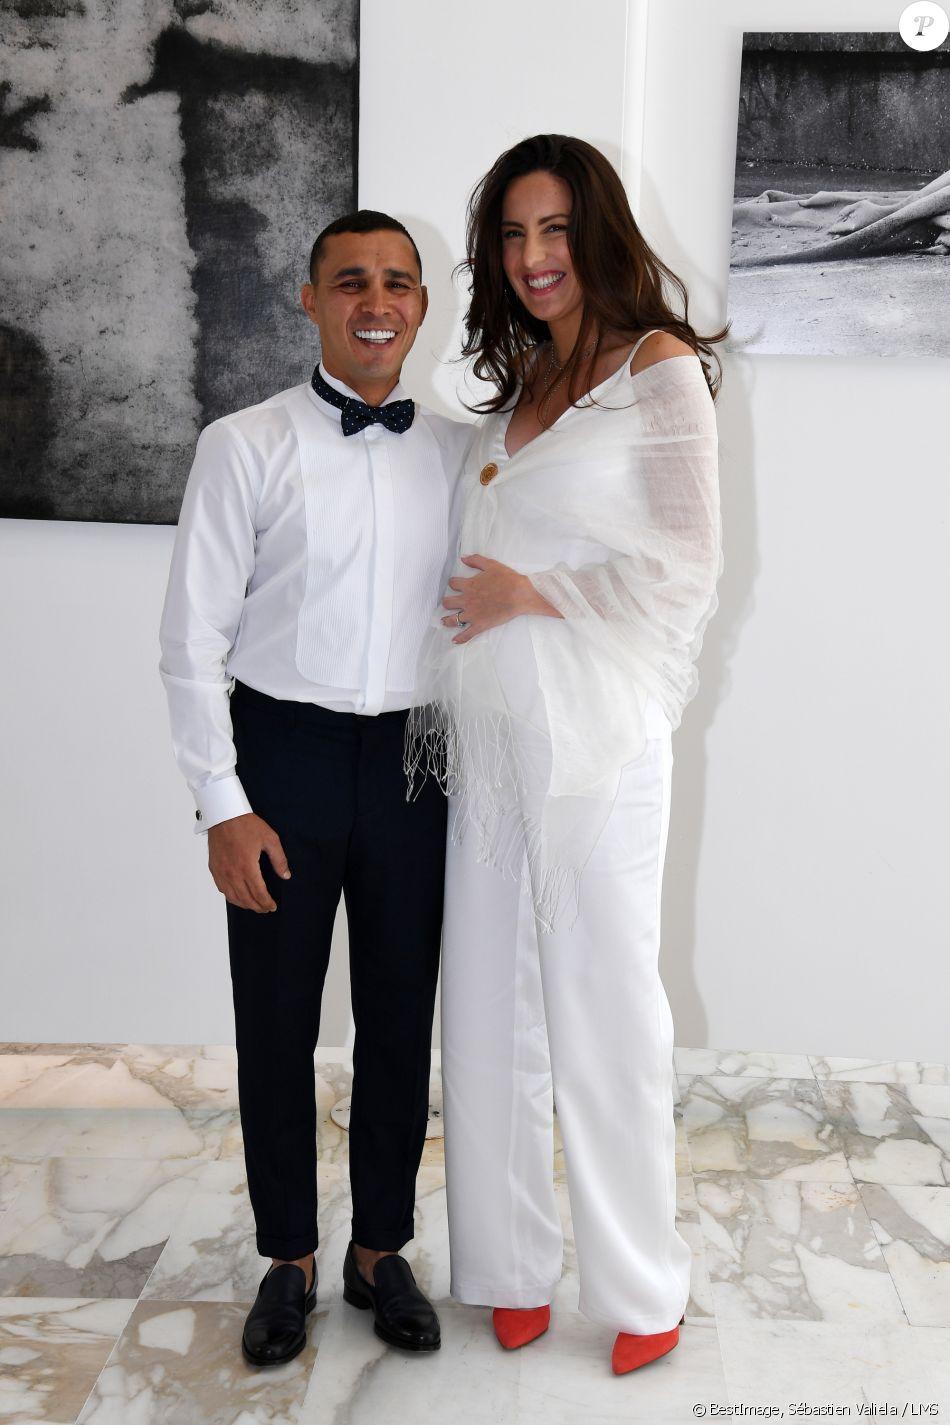 Exclusif - Mariage de Brahim Asloum et Justine Pouget à la Mairie du 17ème arrondissement à Paris. © Sébastien Valiela / LMS / Bestimage